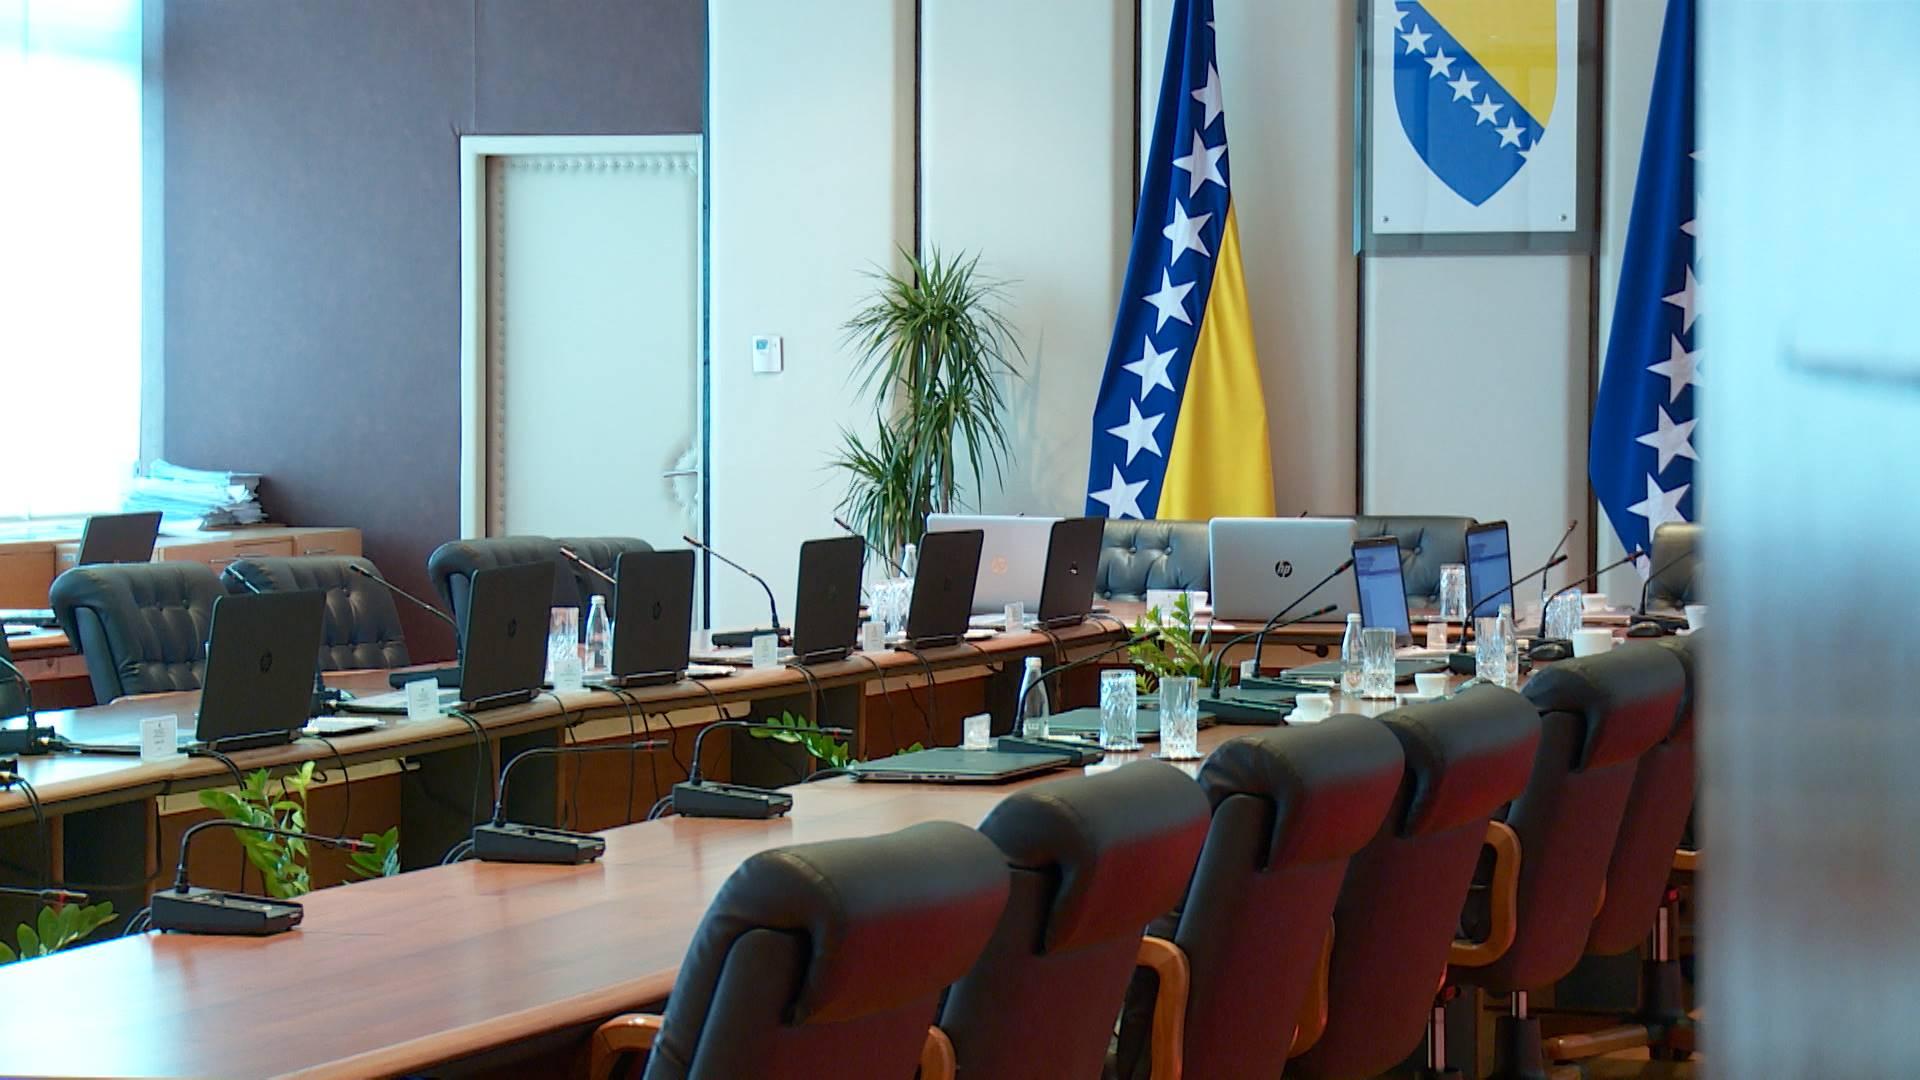 Potpisana odluka o raspodjeli sredstava MMF-a!